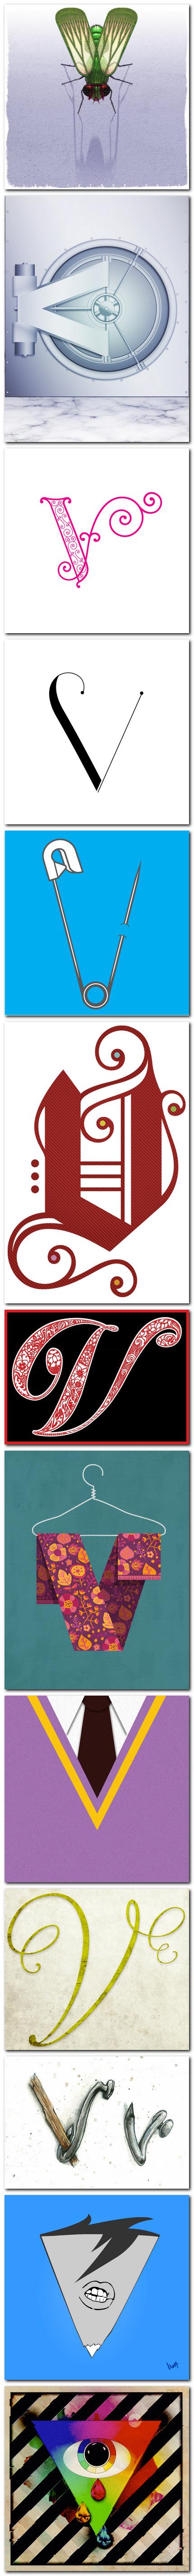 lettercult V - cateva exemple de pe site